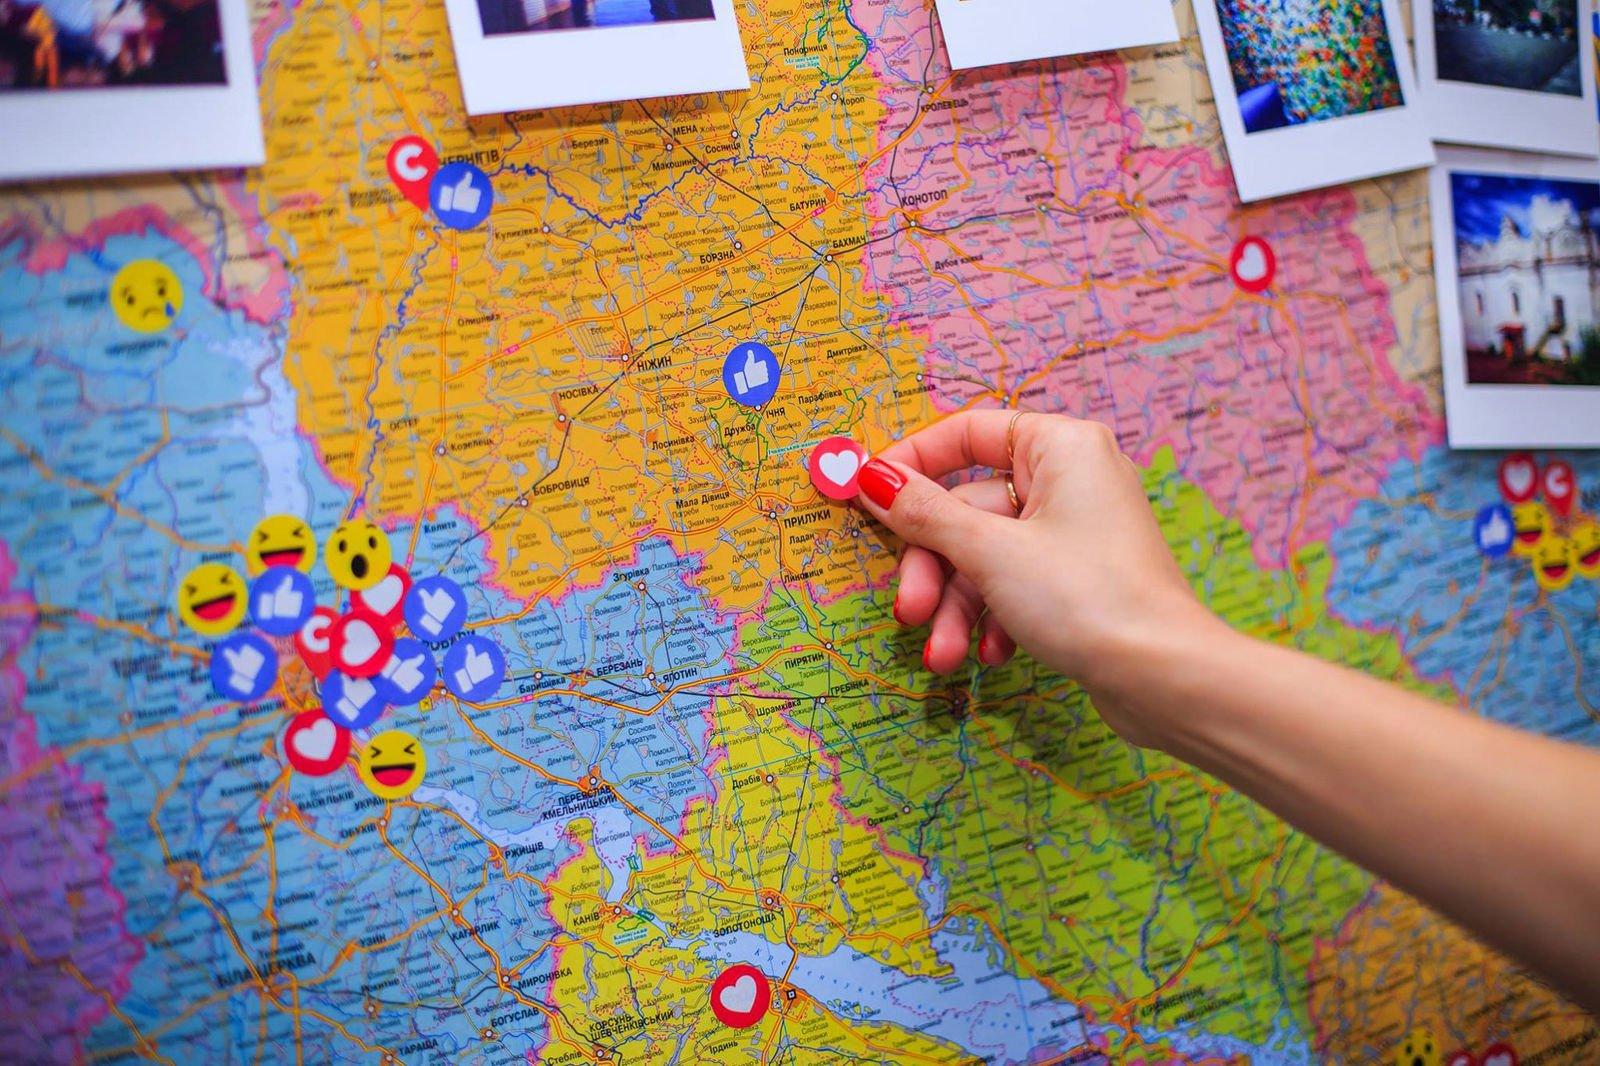 Екскурсовод у смартфоні. Як легко спланувати подорож Україною, автор Анджела Затаверн | Kyivstar Business Hub, зображення №4